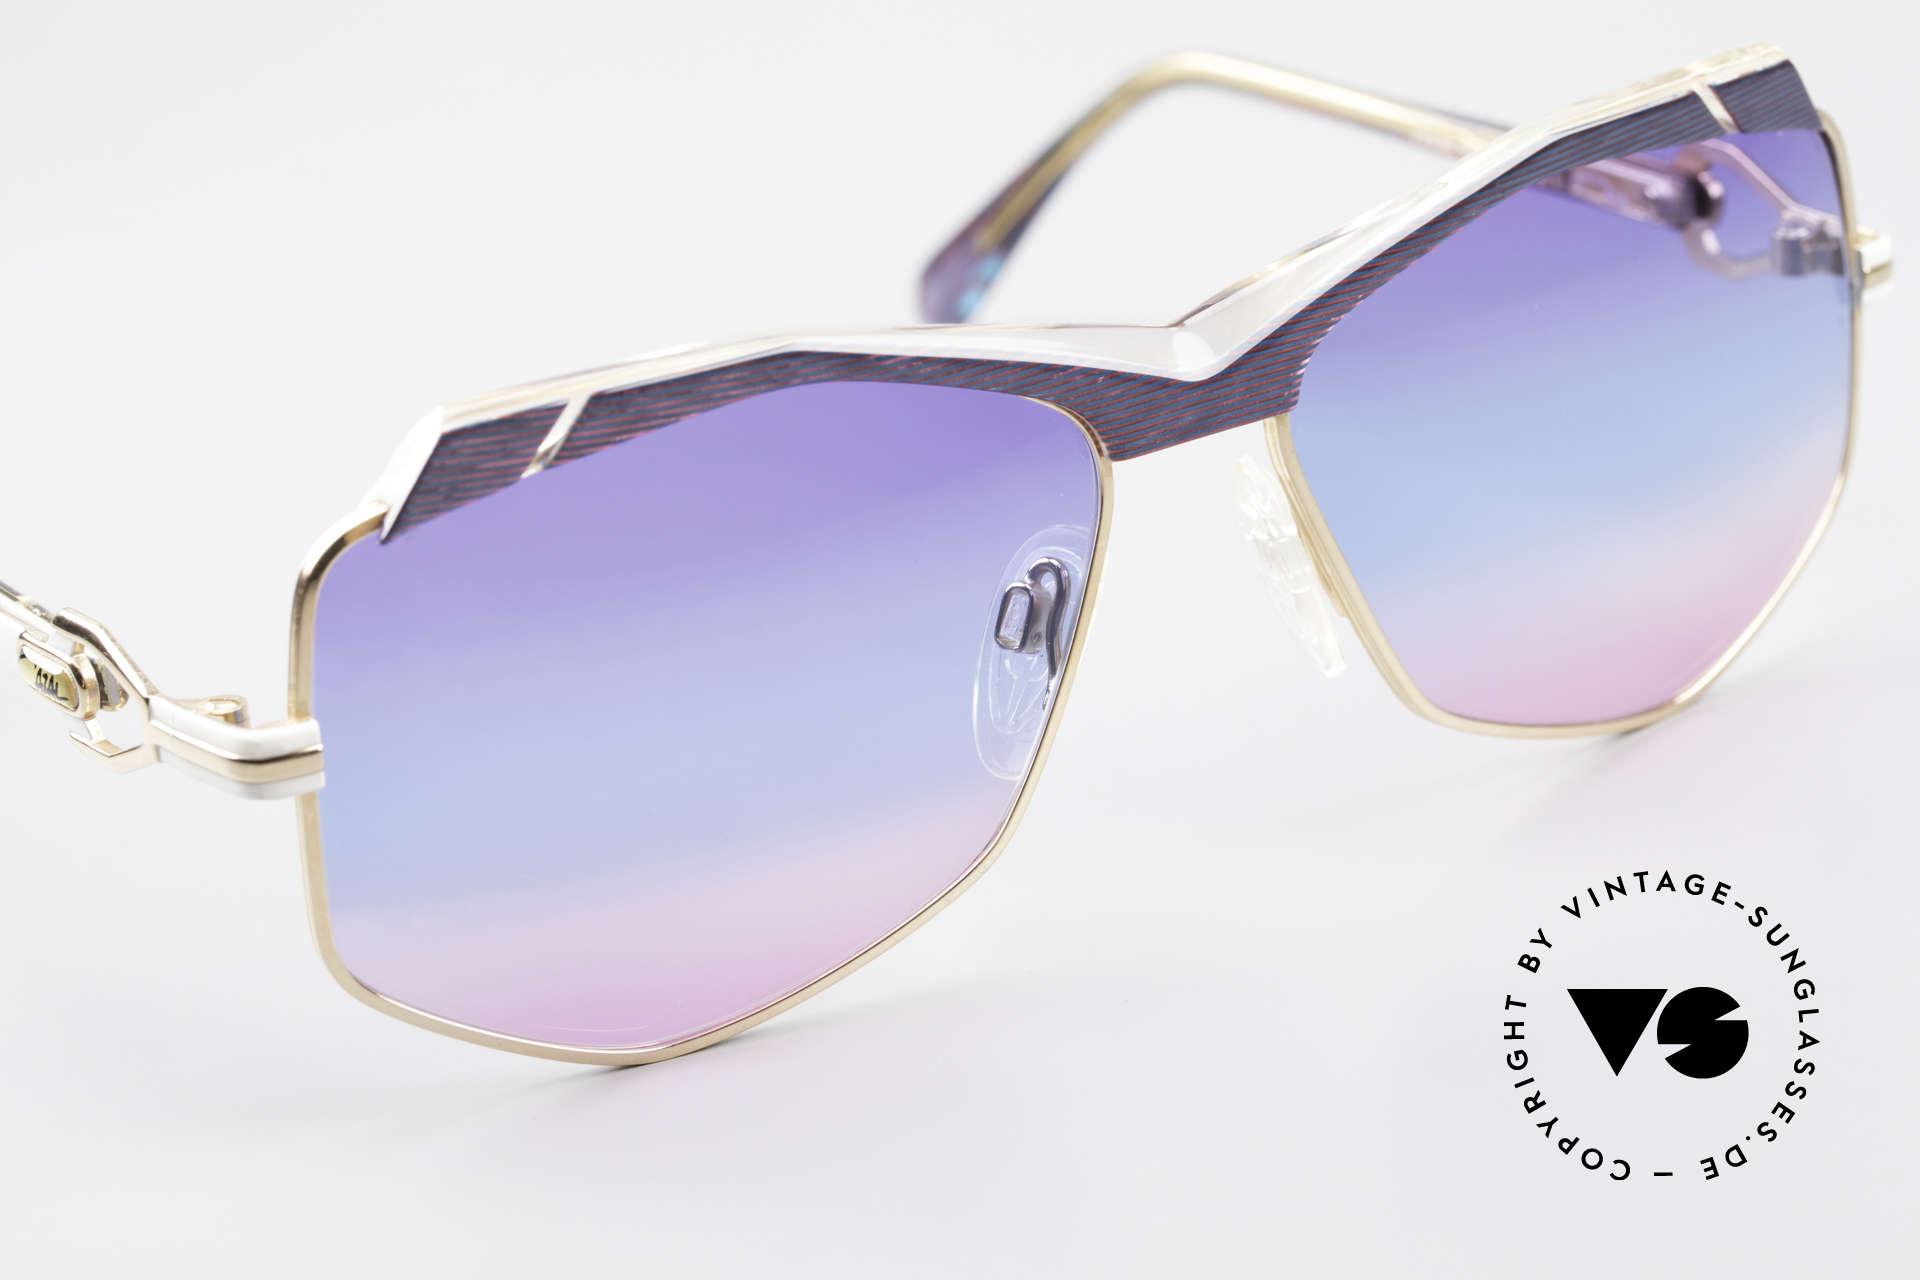 Cazal 230 Bunte Cazal Sonnenbrille 80er, ungetragen (wie alle unsere vintage Cazals), Passend für Damen